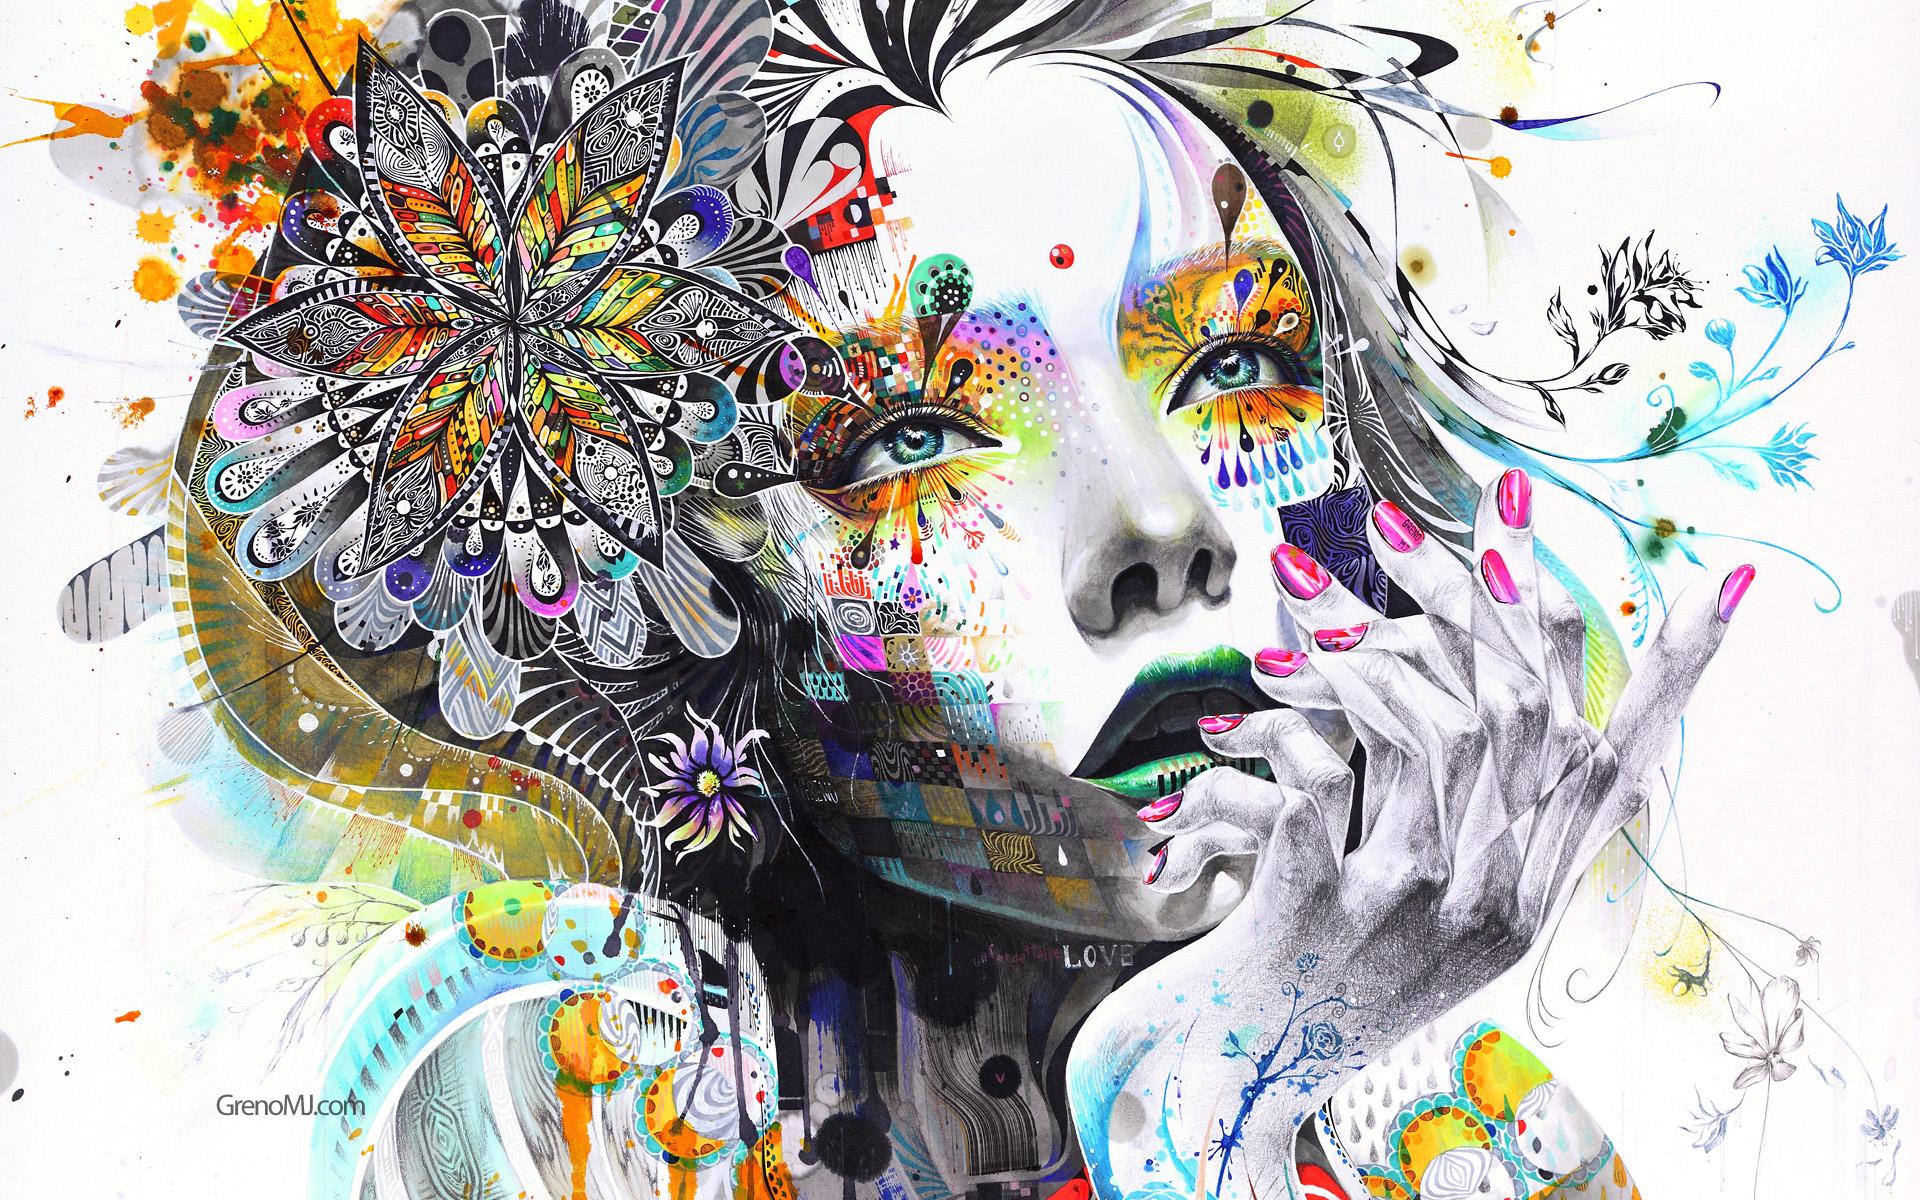 Women: Artistic, Face, Flower, Woman, Colors, Colorful, Portrait, Surrealism, Minjae Lee